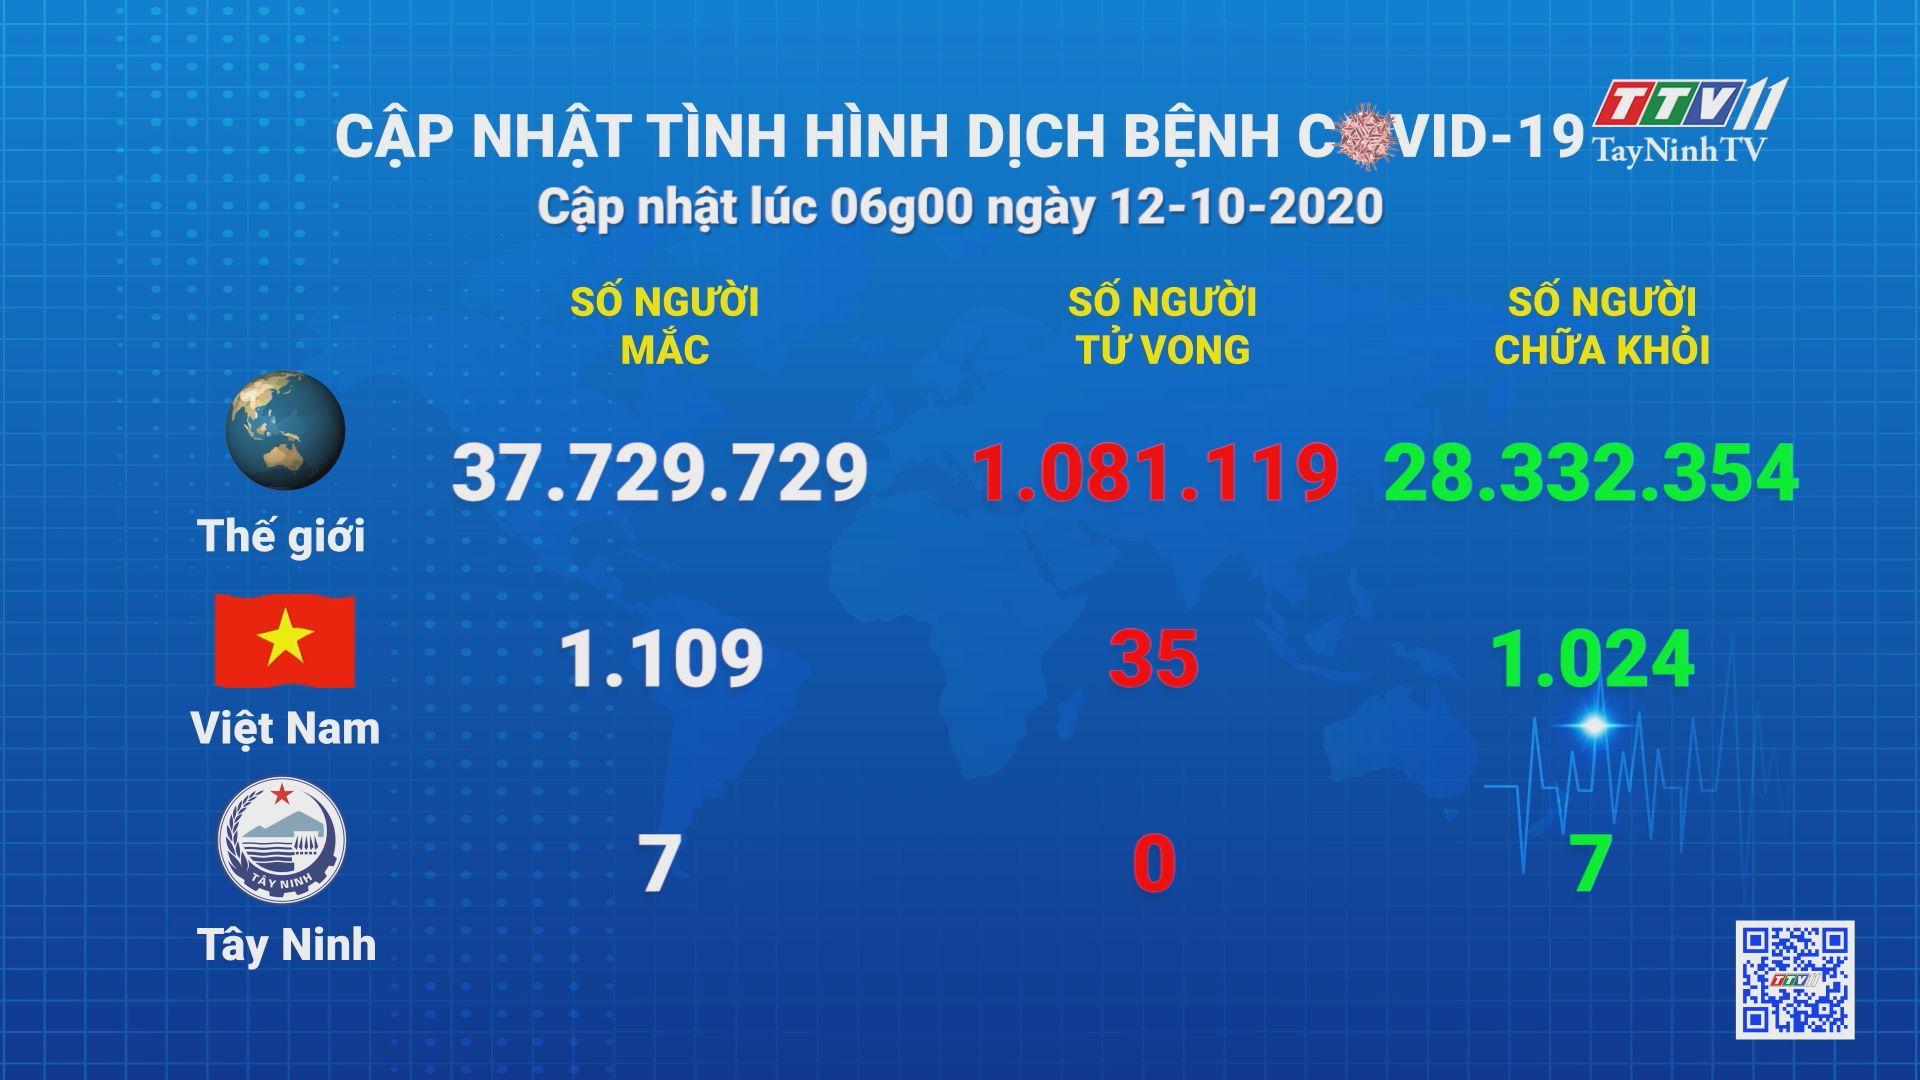 Cập nhật tình hình Covid-19 vào lúc 6 giờ 12-10-2020 | Thông tin dịch Covid-19 | TayNinhTV